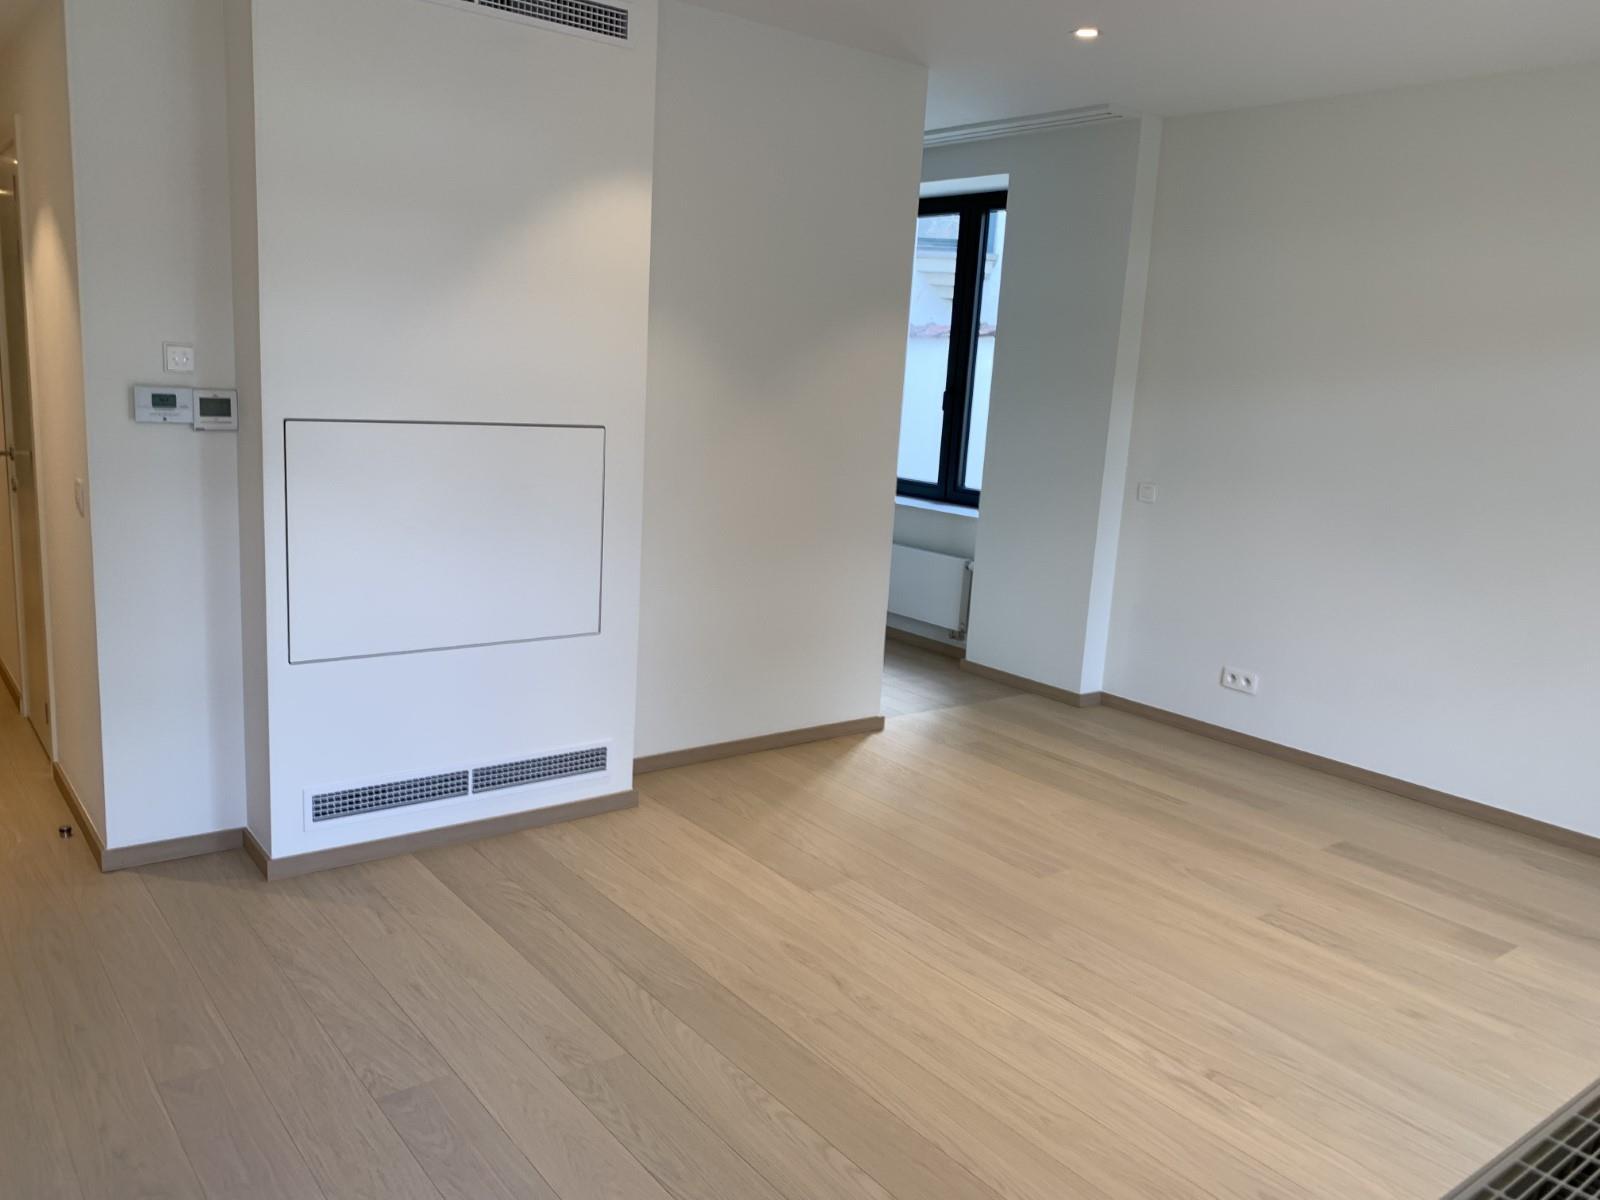 Appartement exceptionnel - Ixelles - #3915694-3